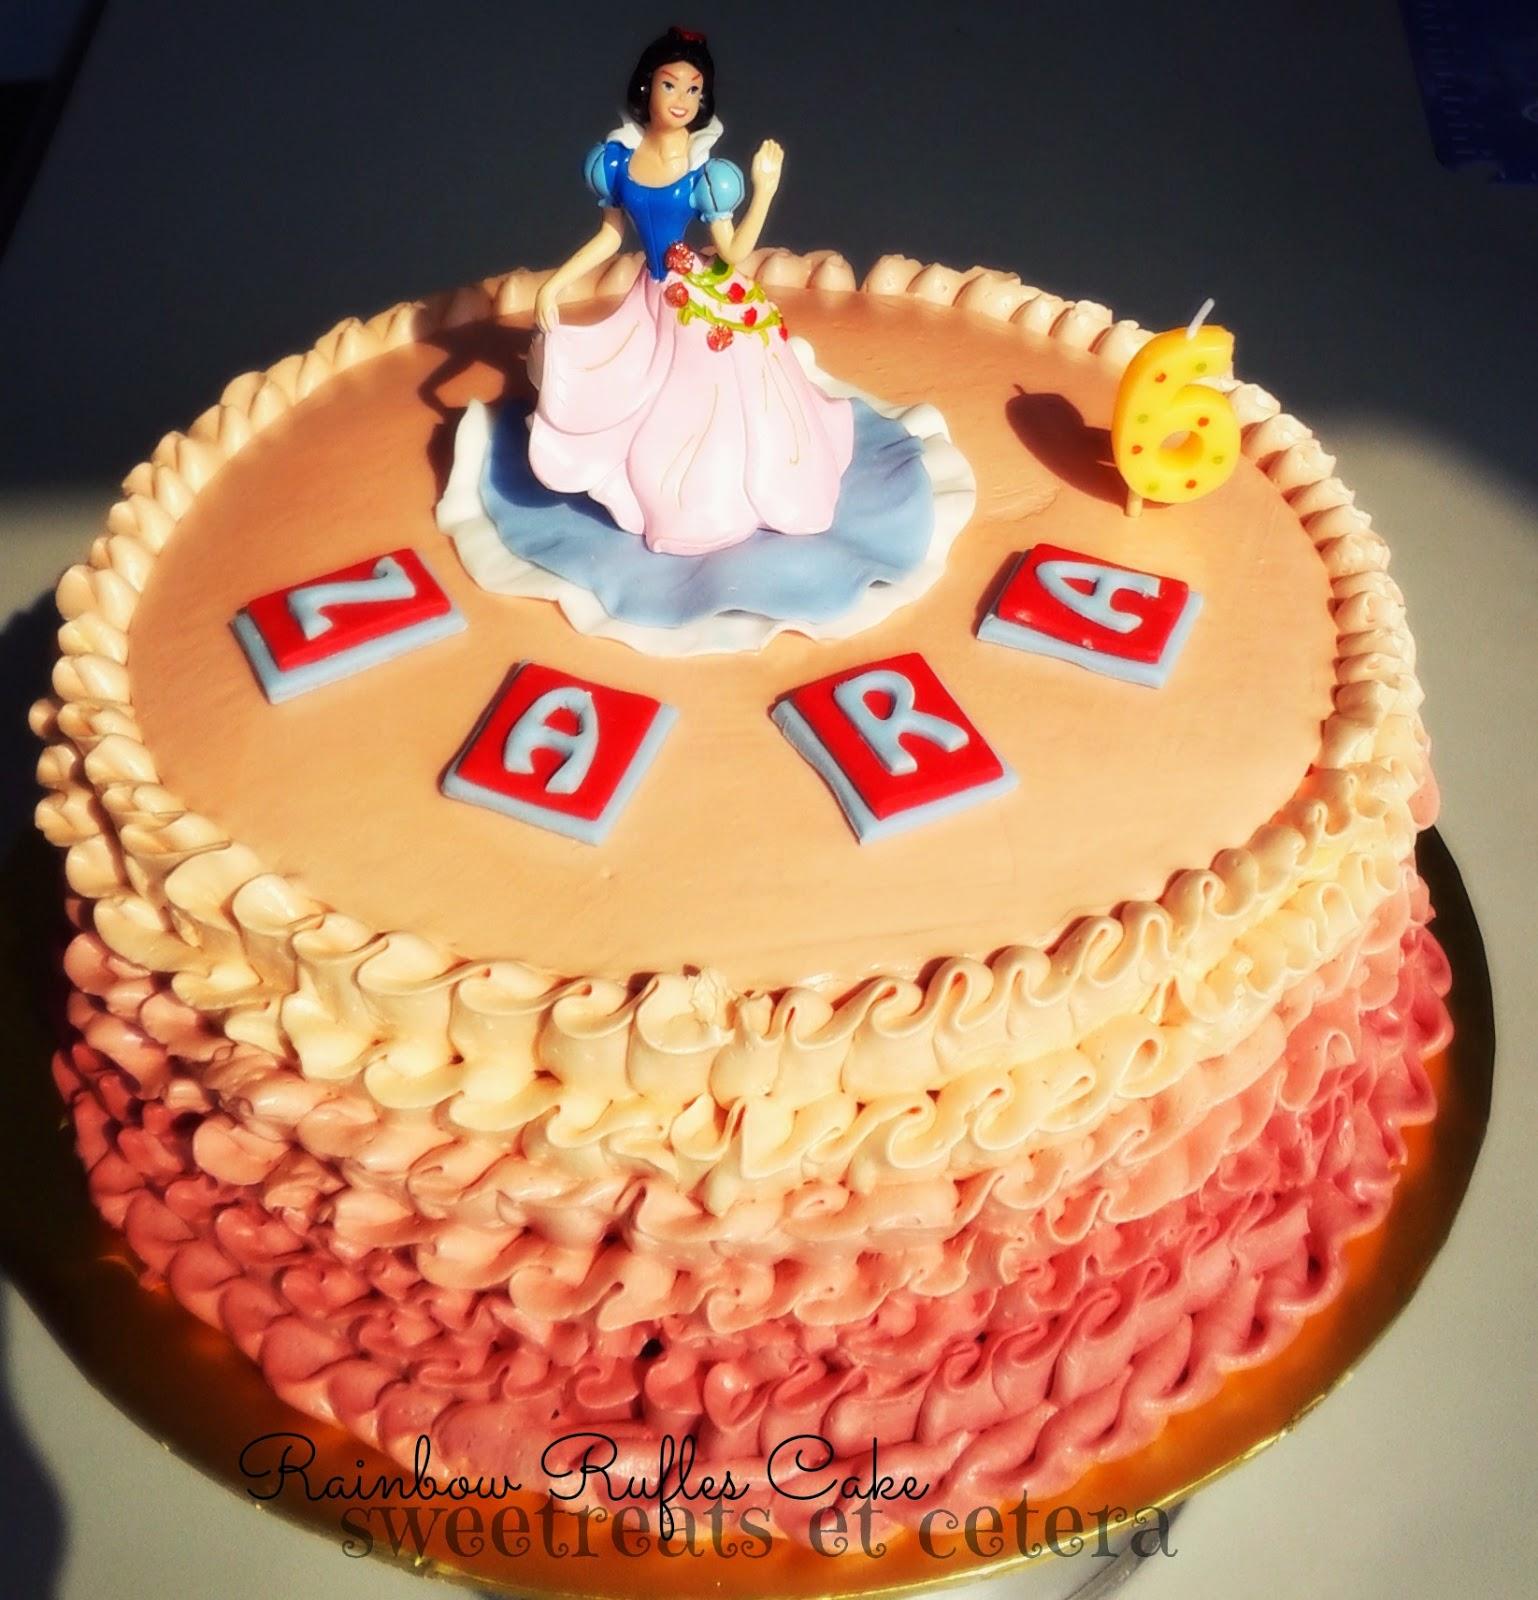 Sweetreats Etcetera: Happy Birthday Zara